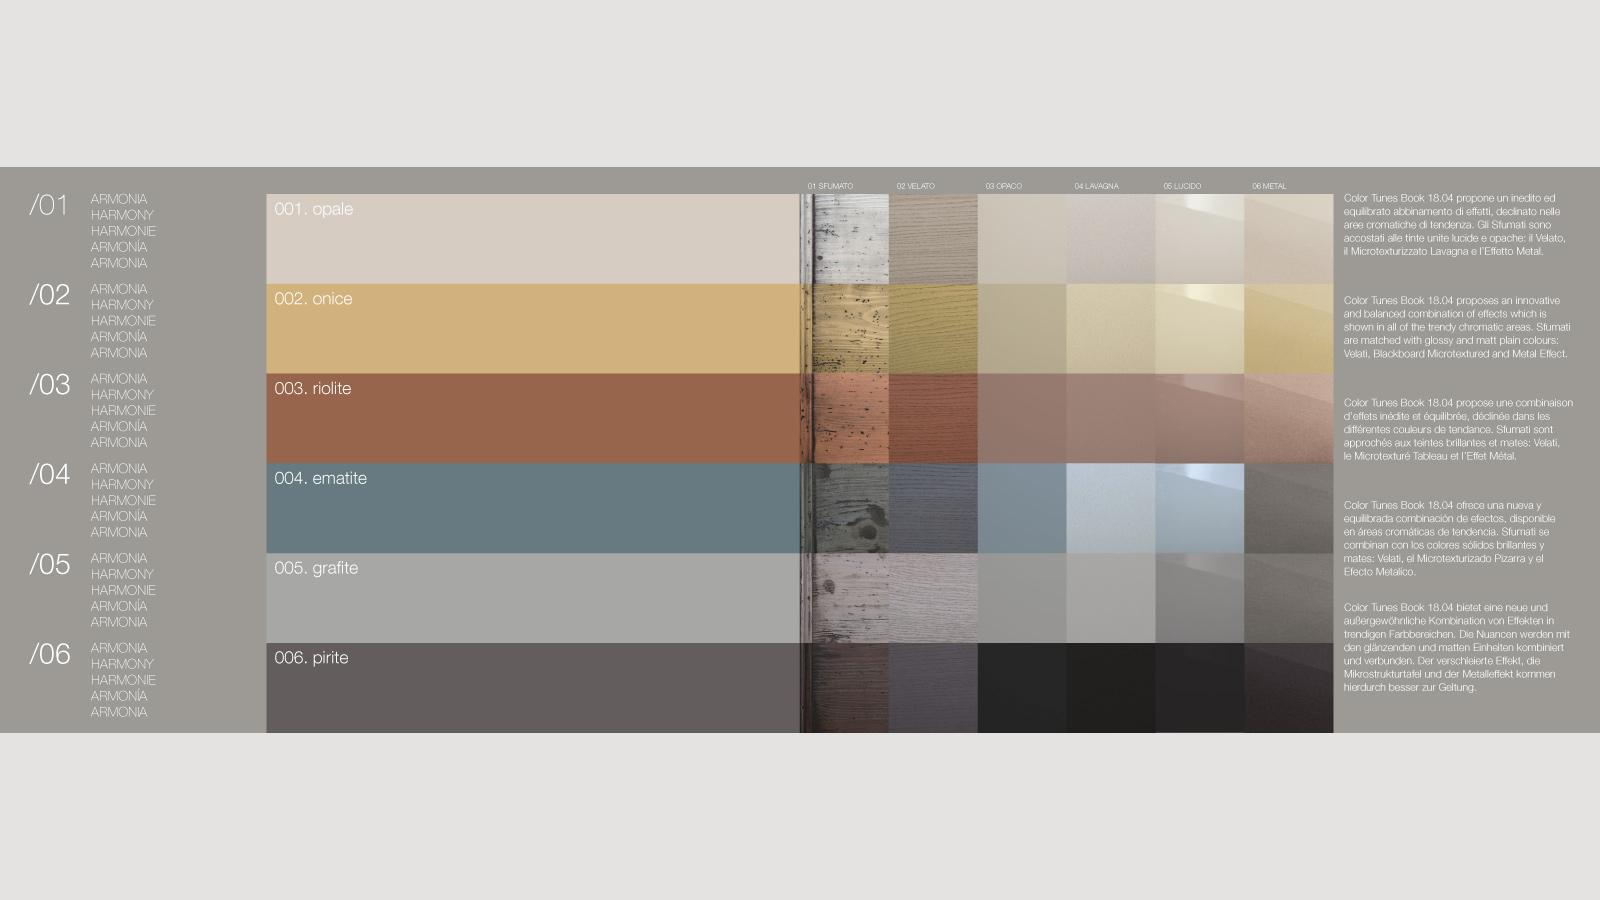 consulenza-colore-color-tunes-book-armonie-sfumati-scala-colore-renner